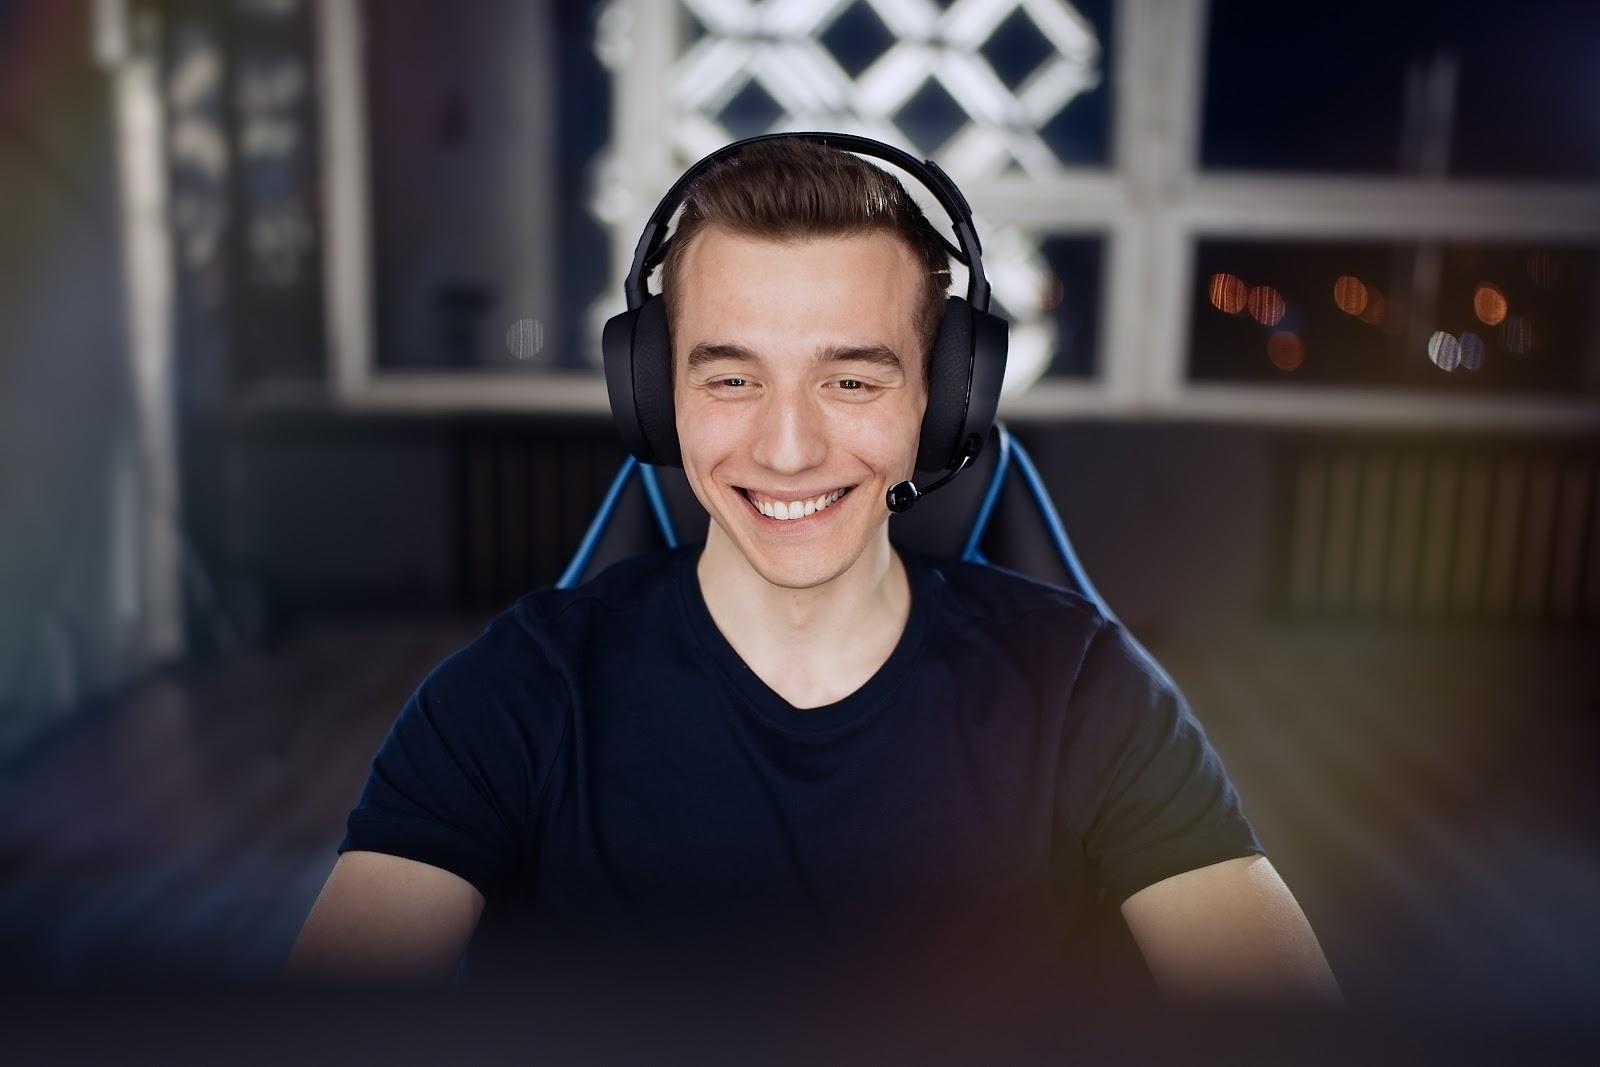 Riot Games internship: Smiling man wearing a headset